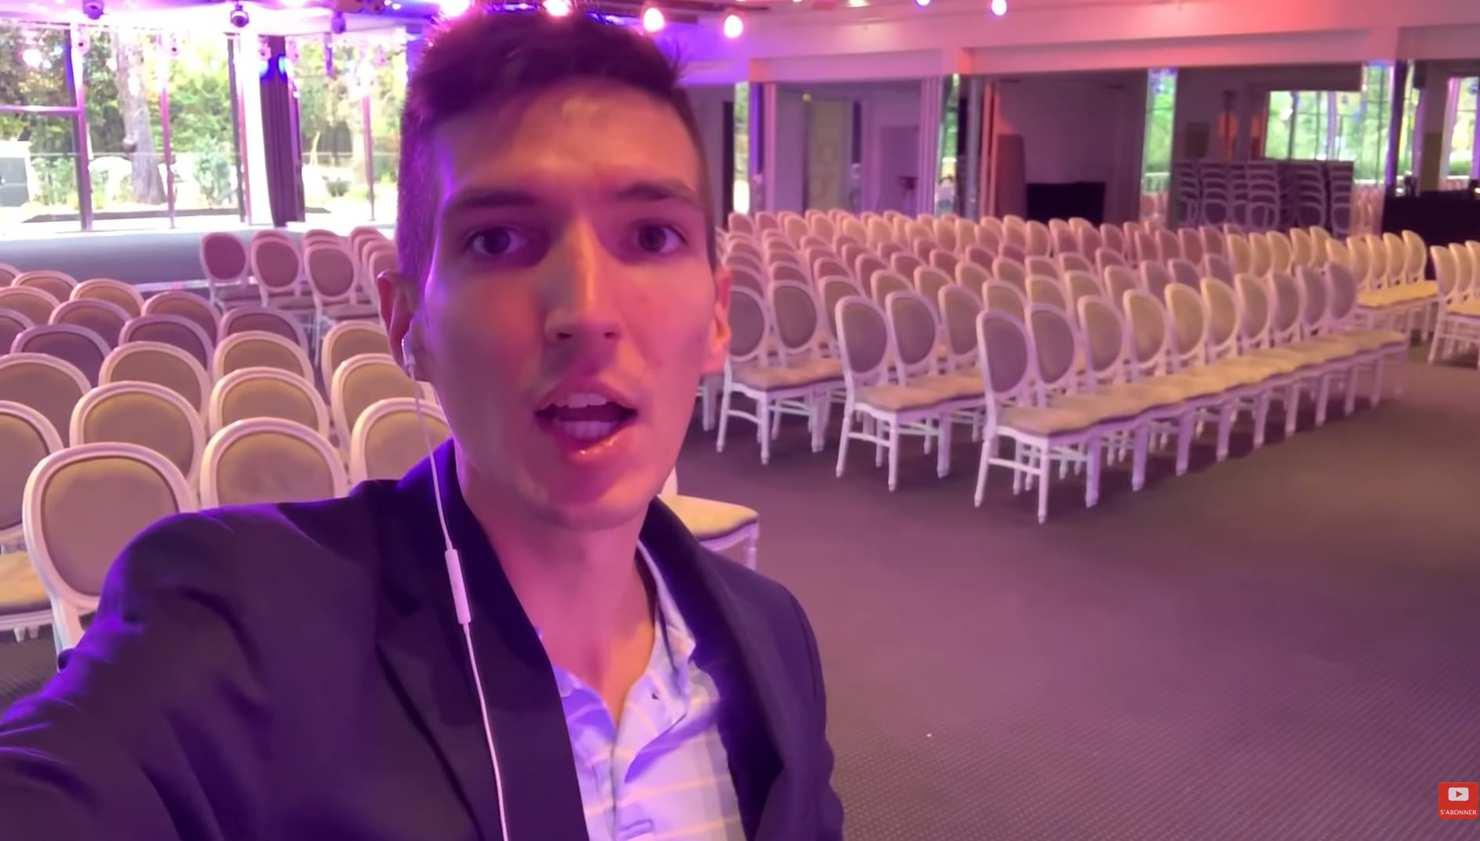 Séminaire business – les coulisses (b.i.0. 2.0 live) – pavillon d'armenonville à paris